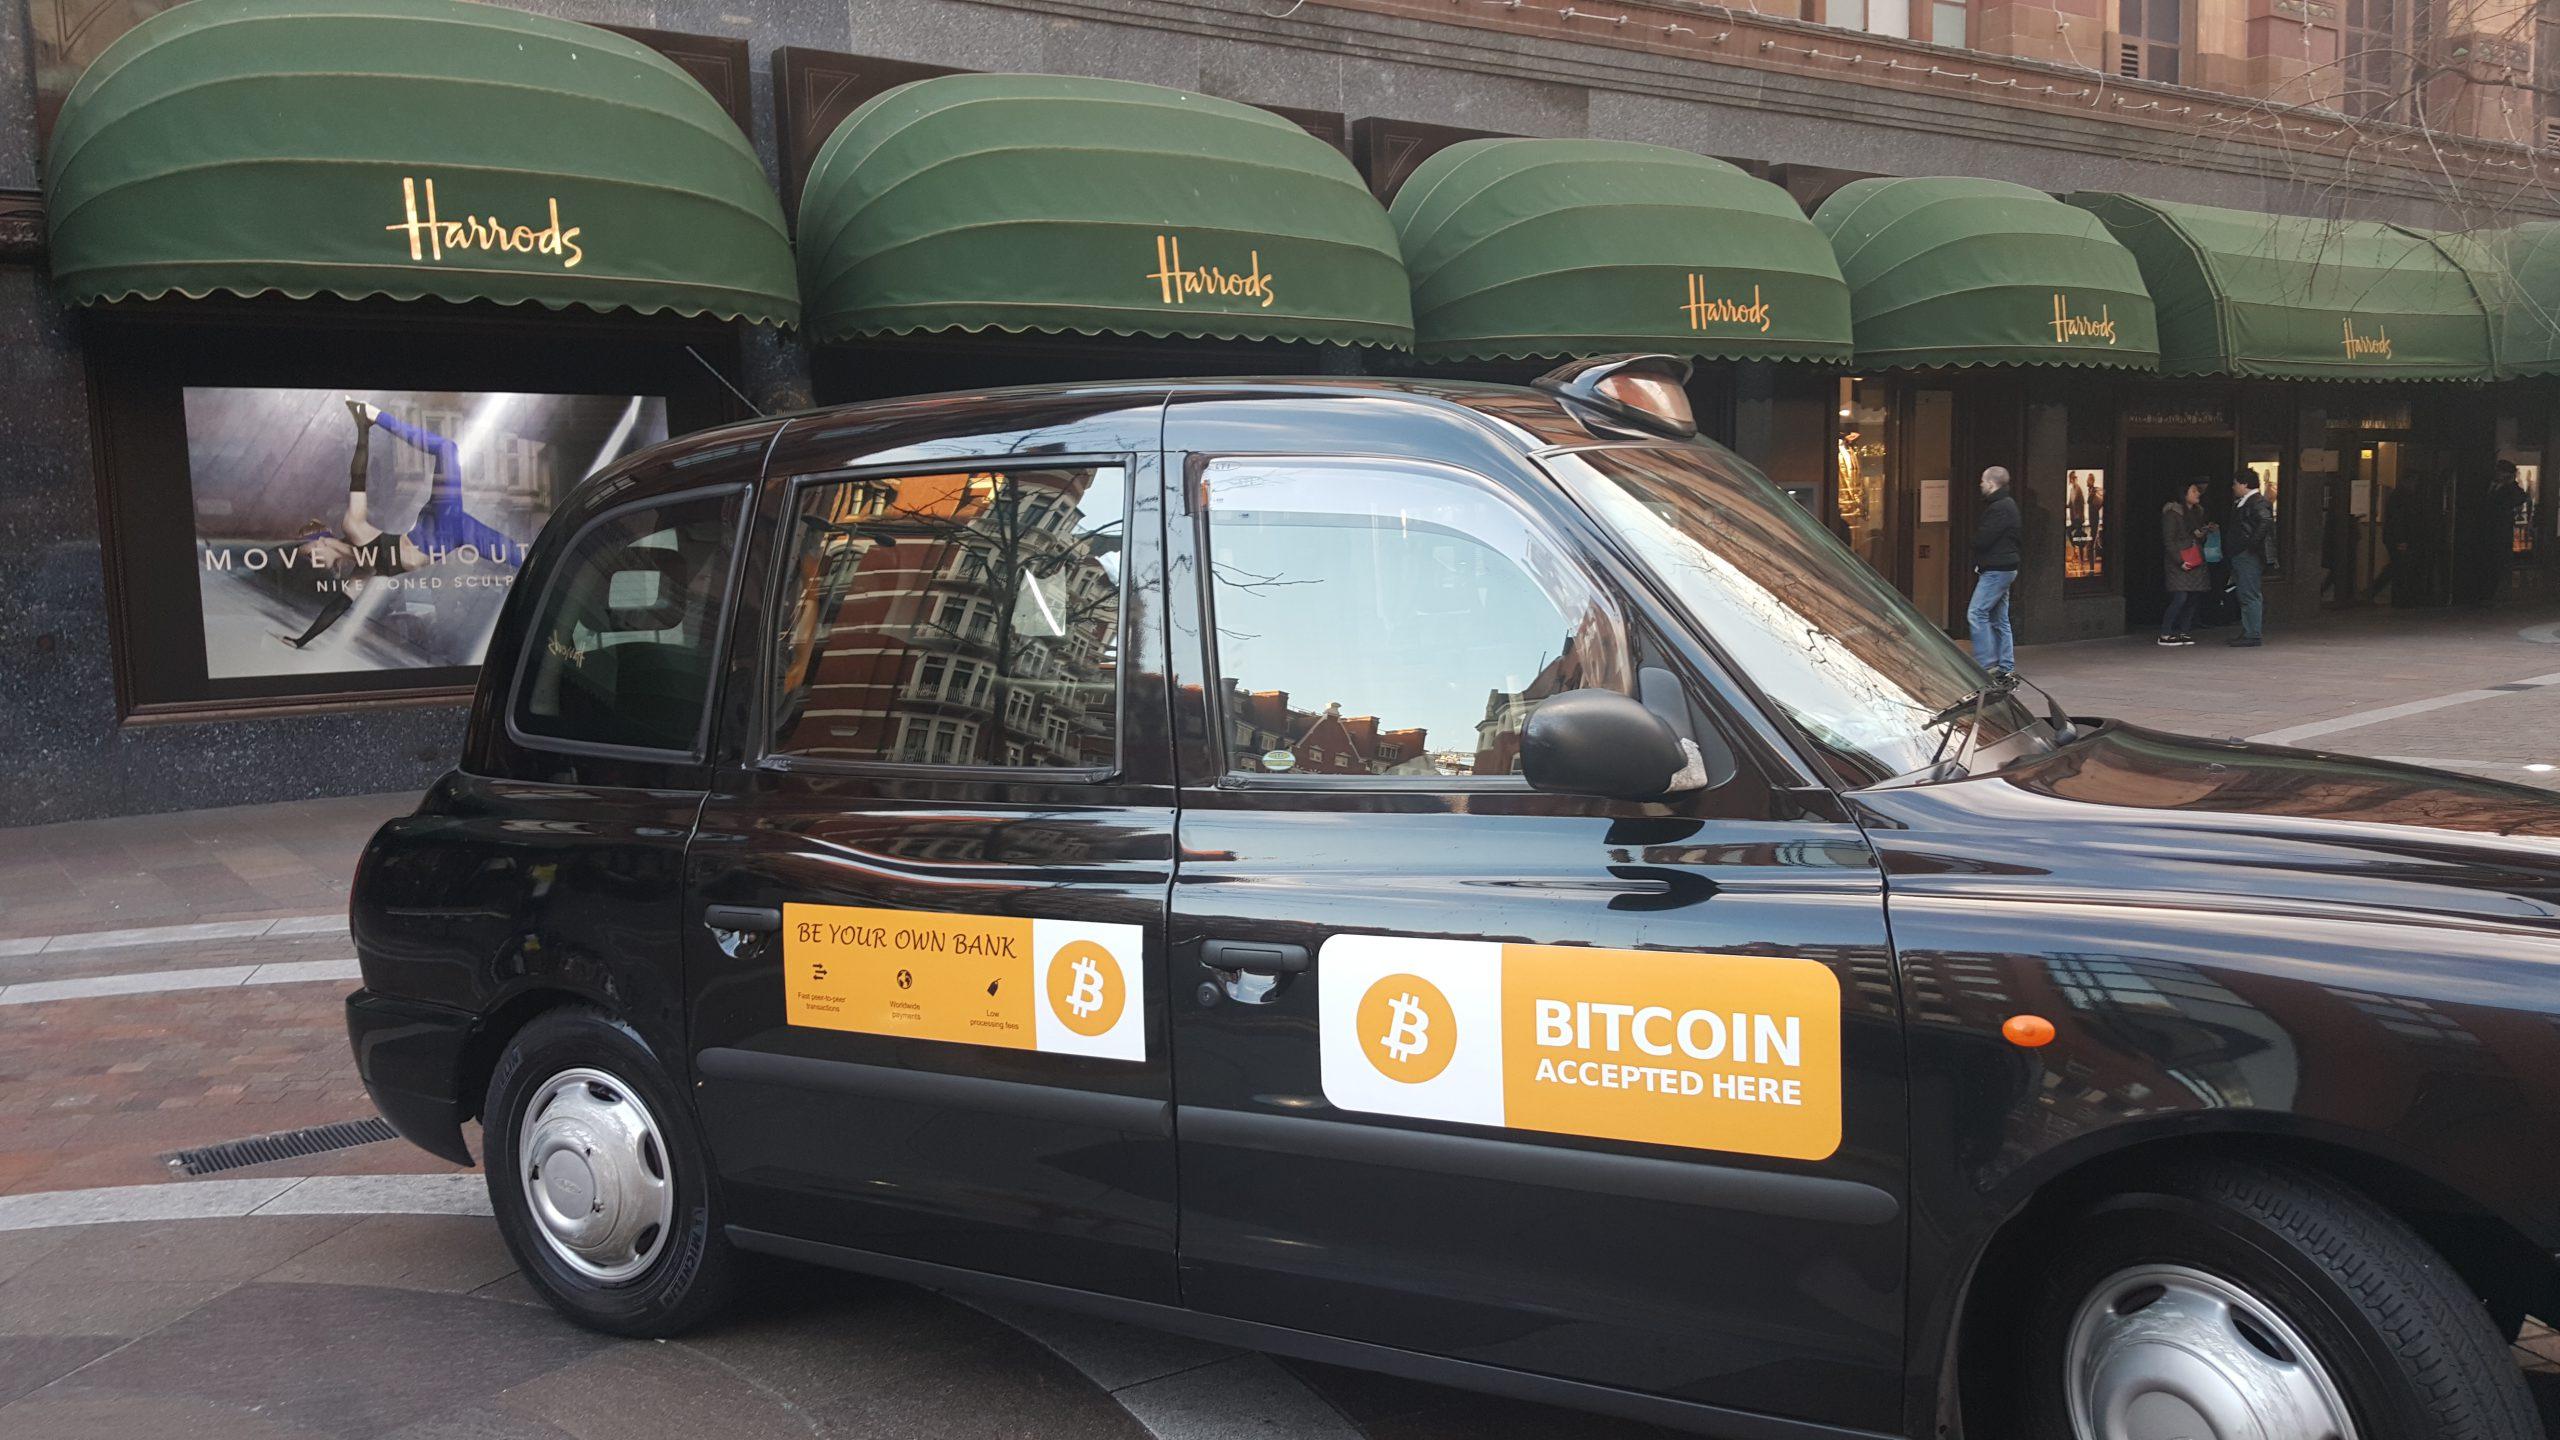 В такси можно расплатится криптовалютой